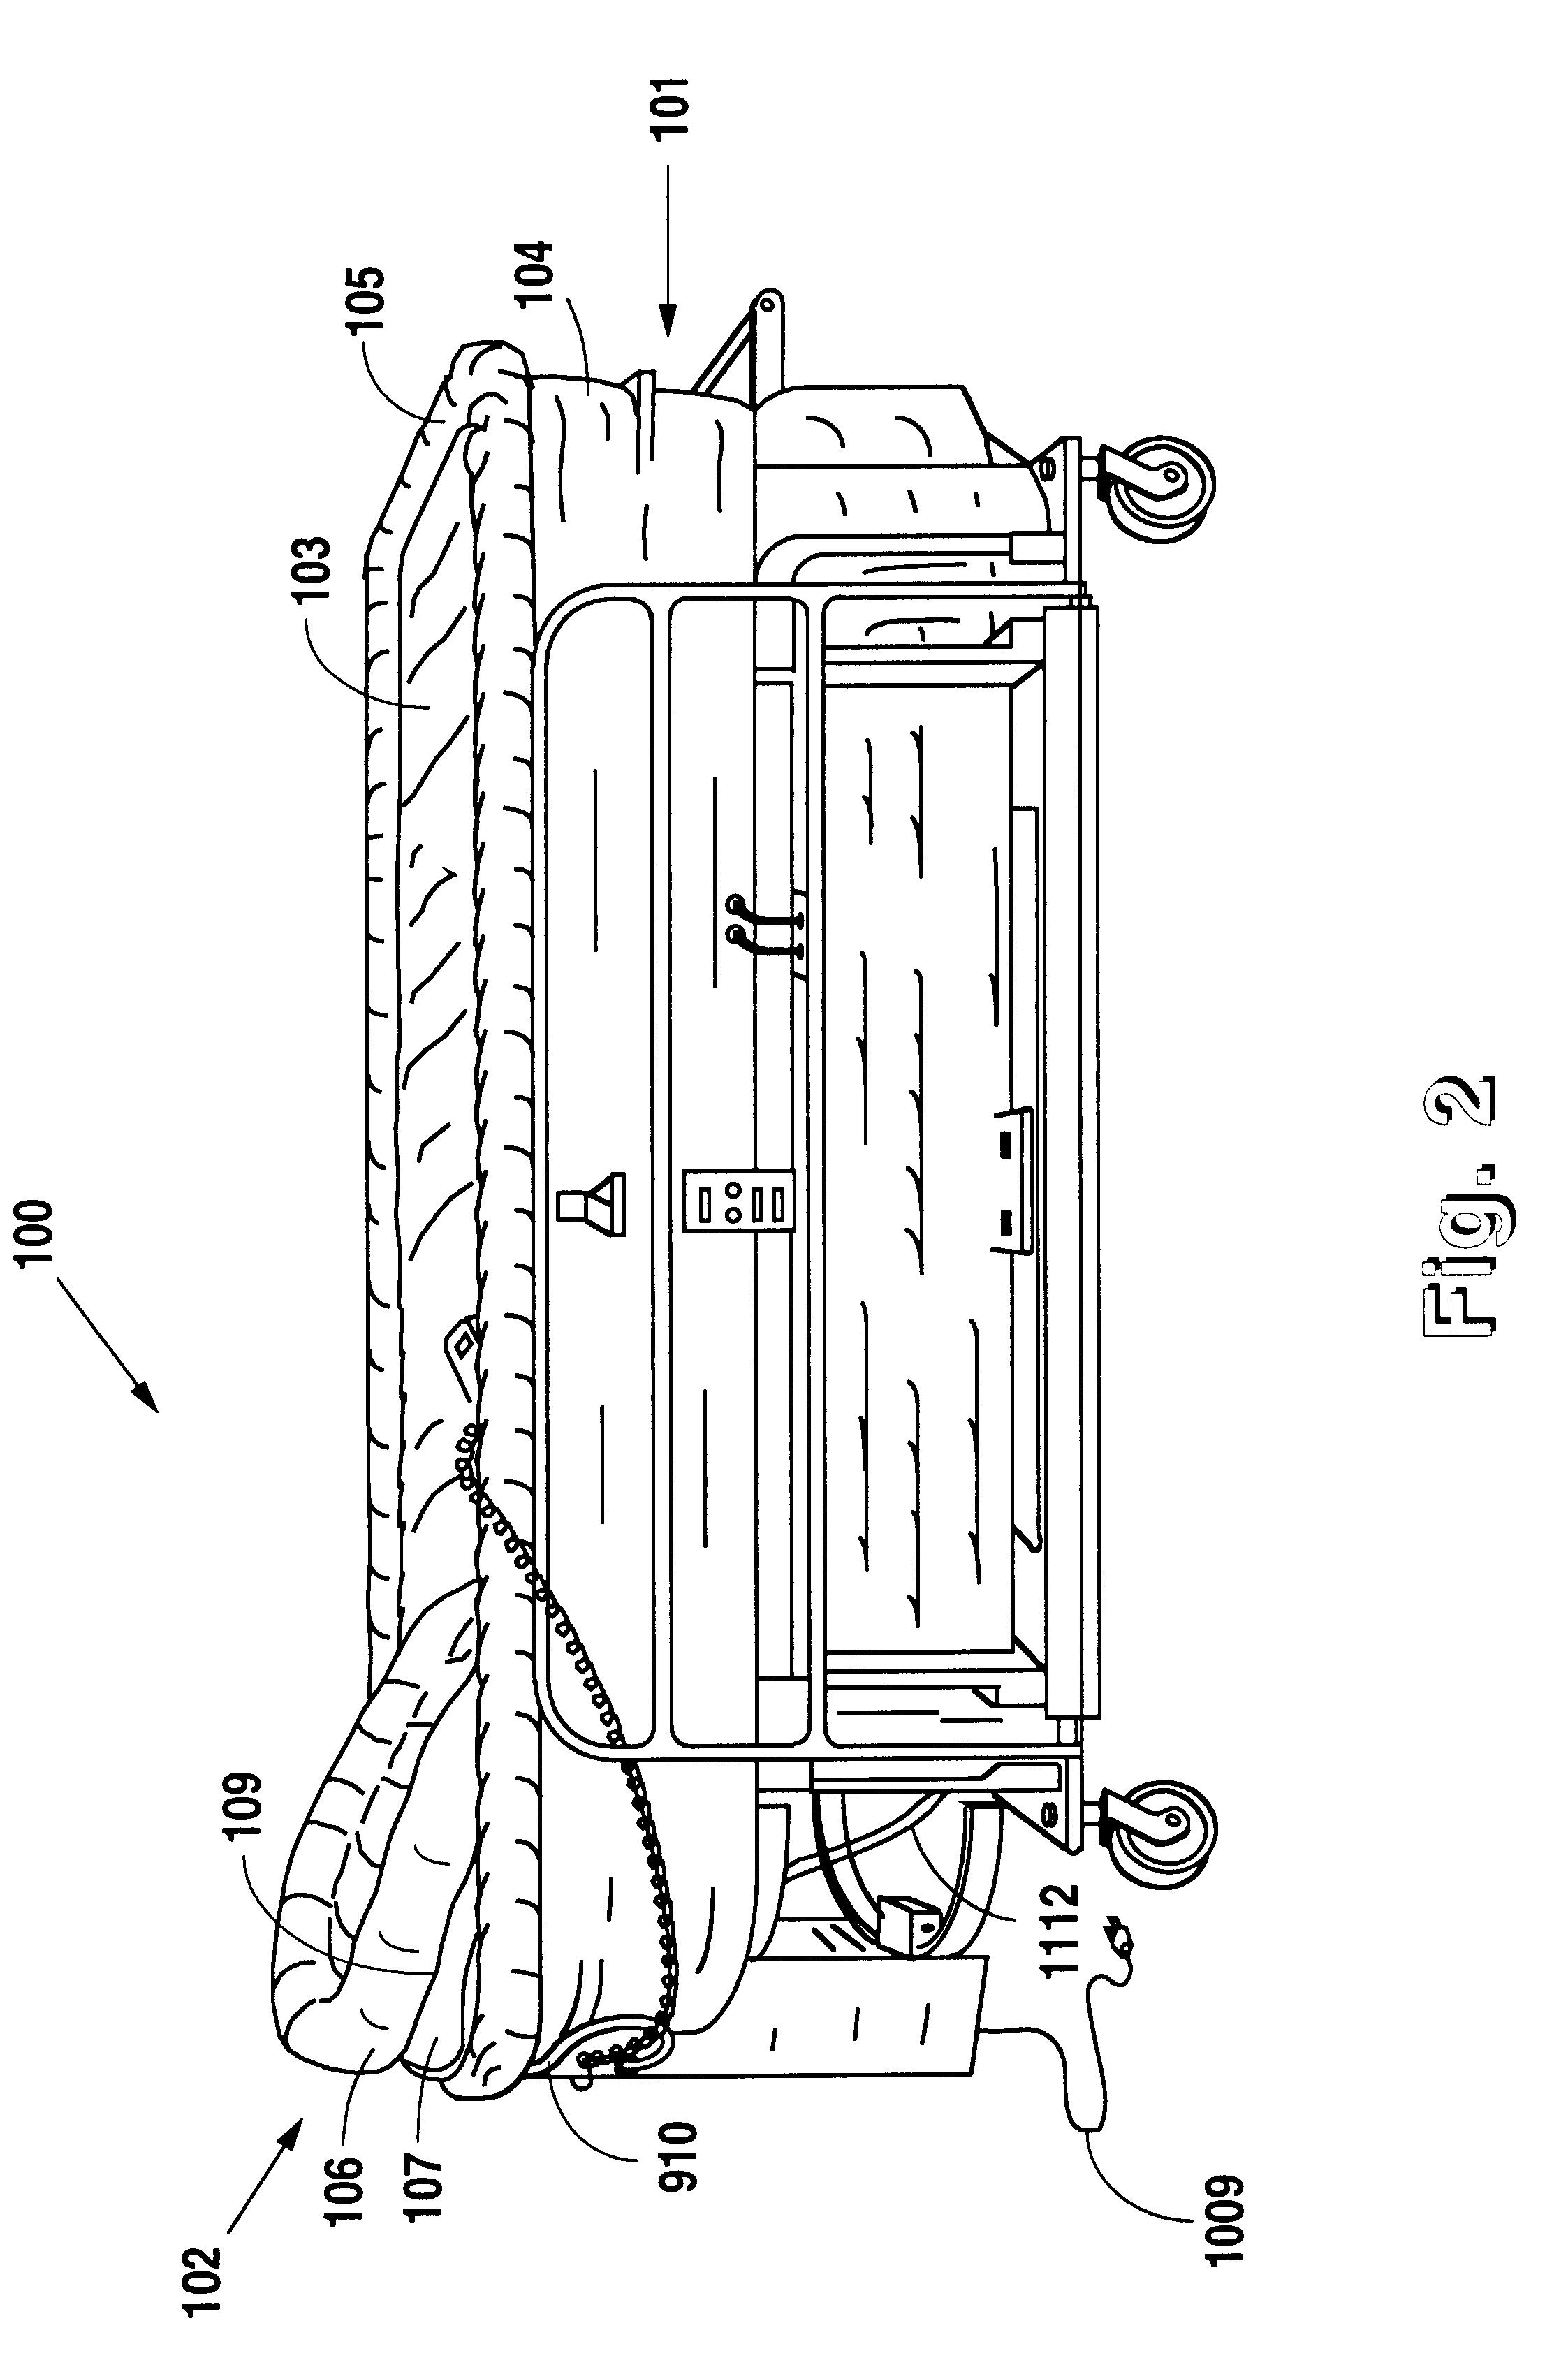 patent us6499166